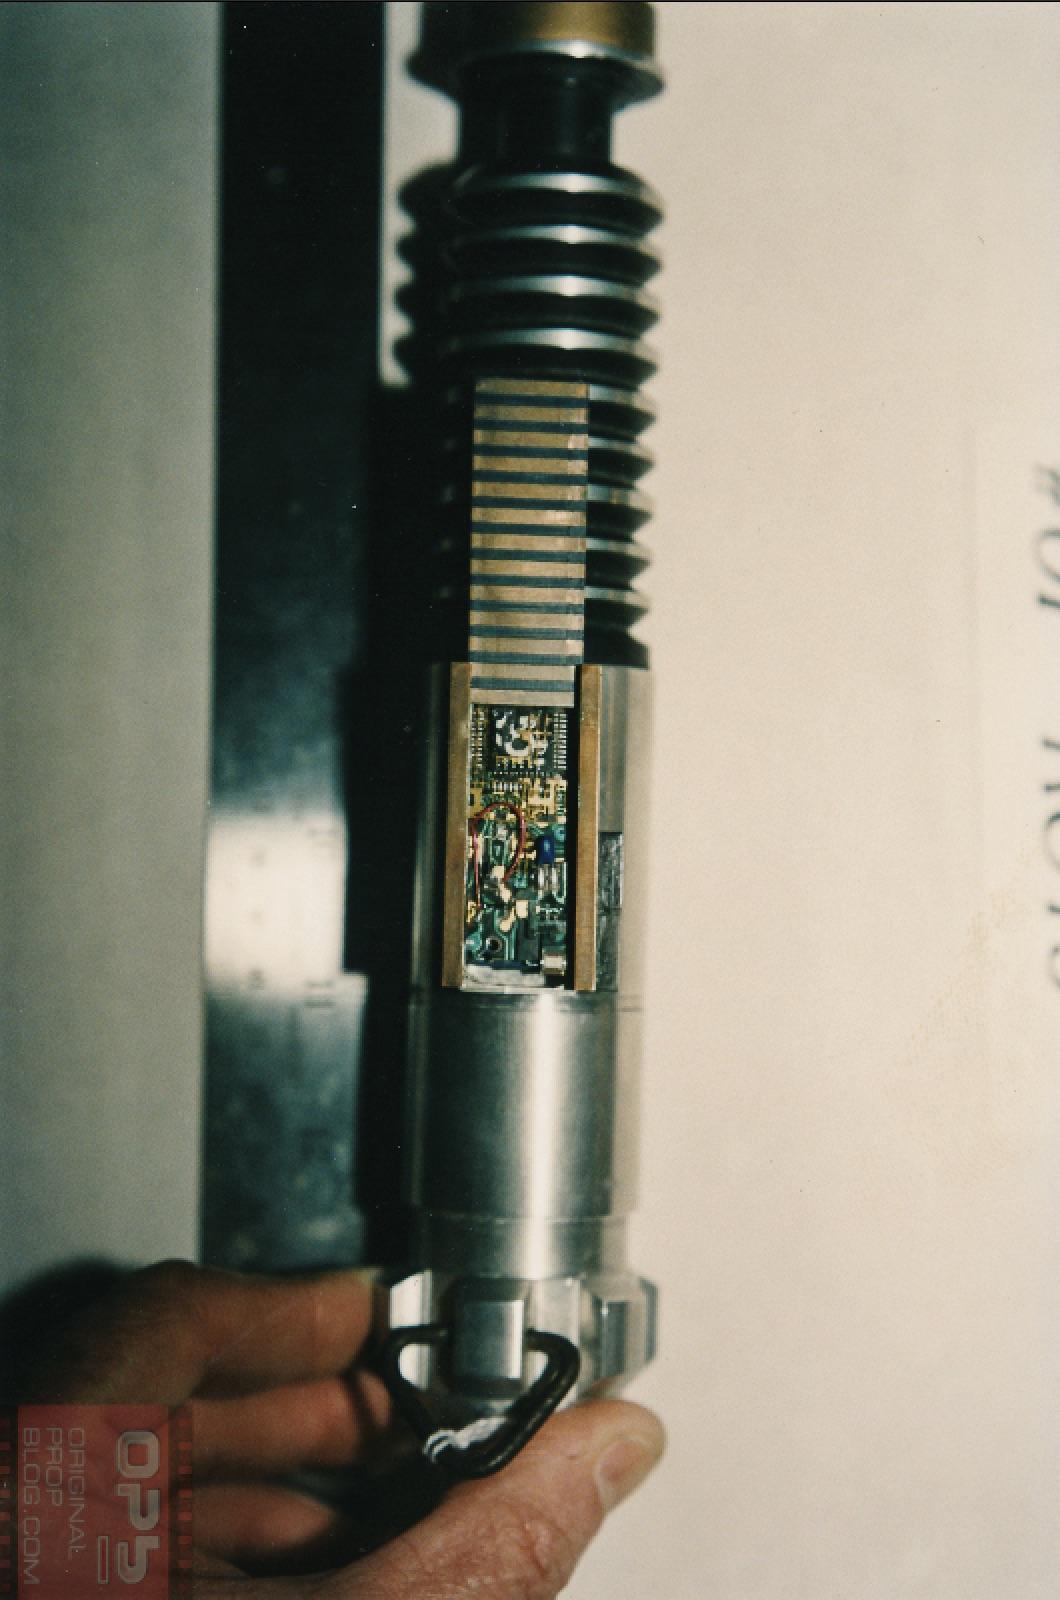 2EC60FDA-4C40-44FE-9A78-534CB7D7139E.jpeg